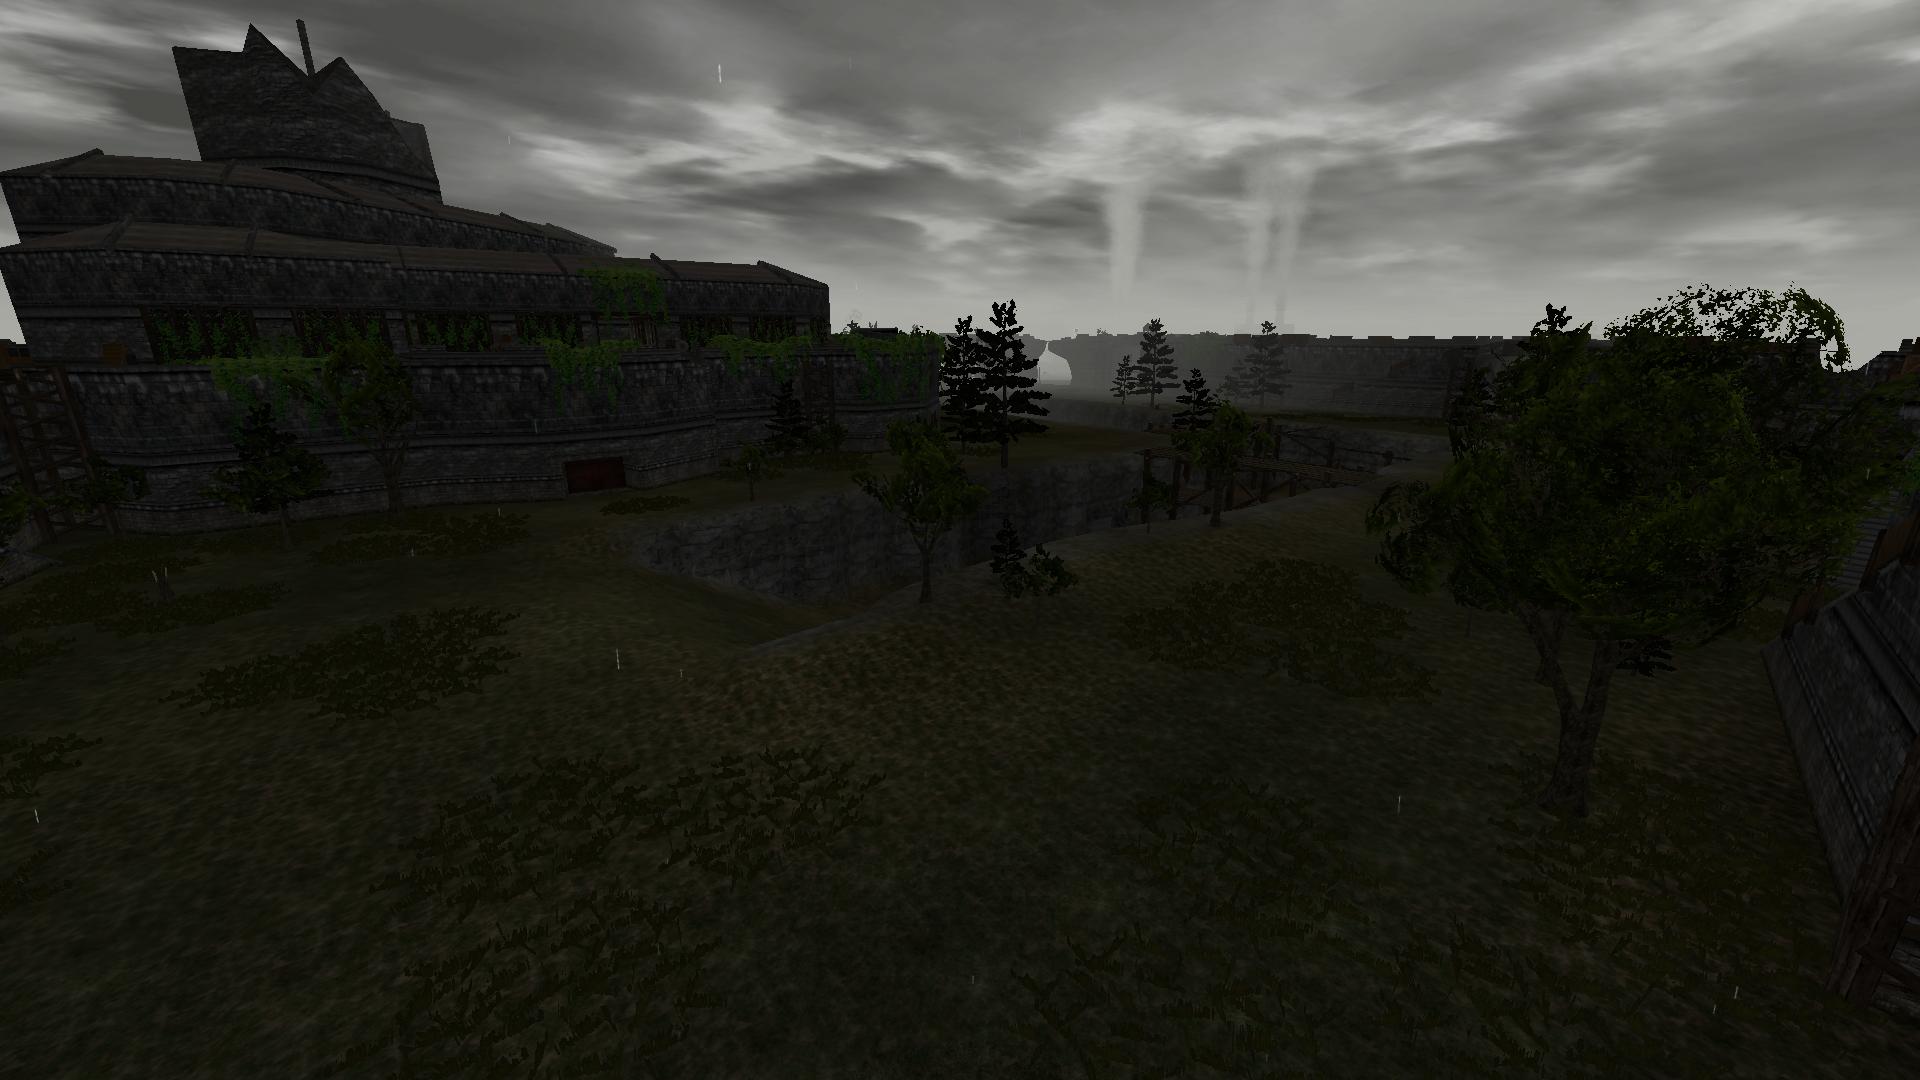 Siege Courtyard